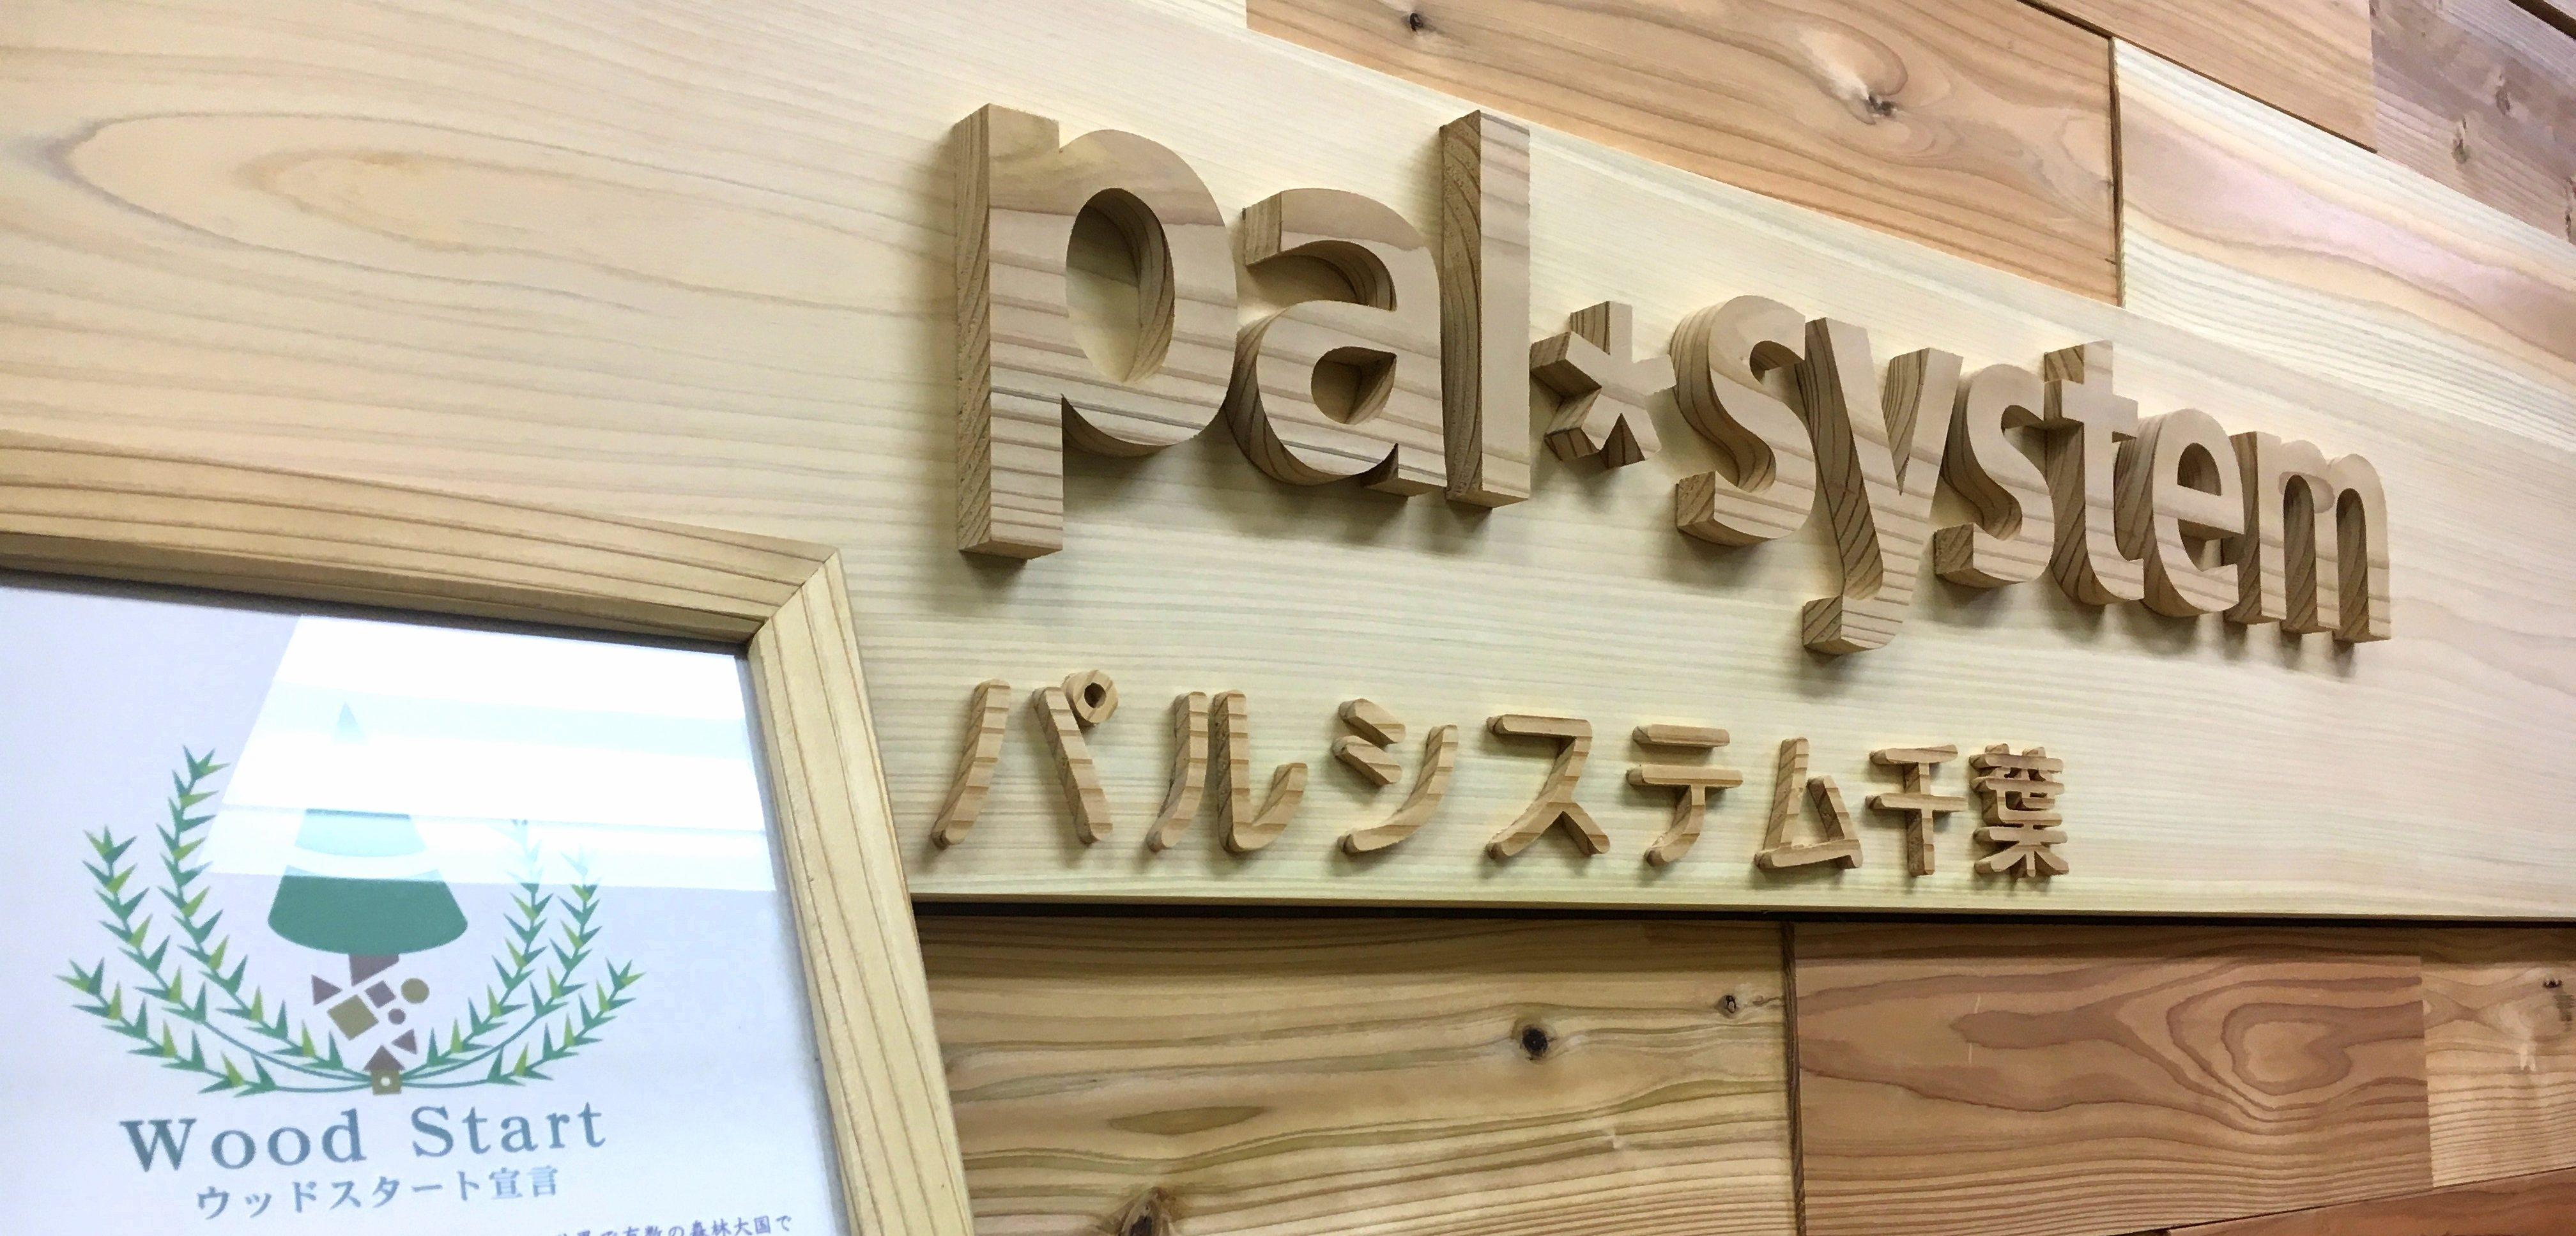 千葉県船橋市オフィス木質化リノベーション。